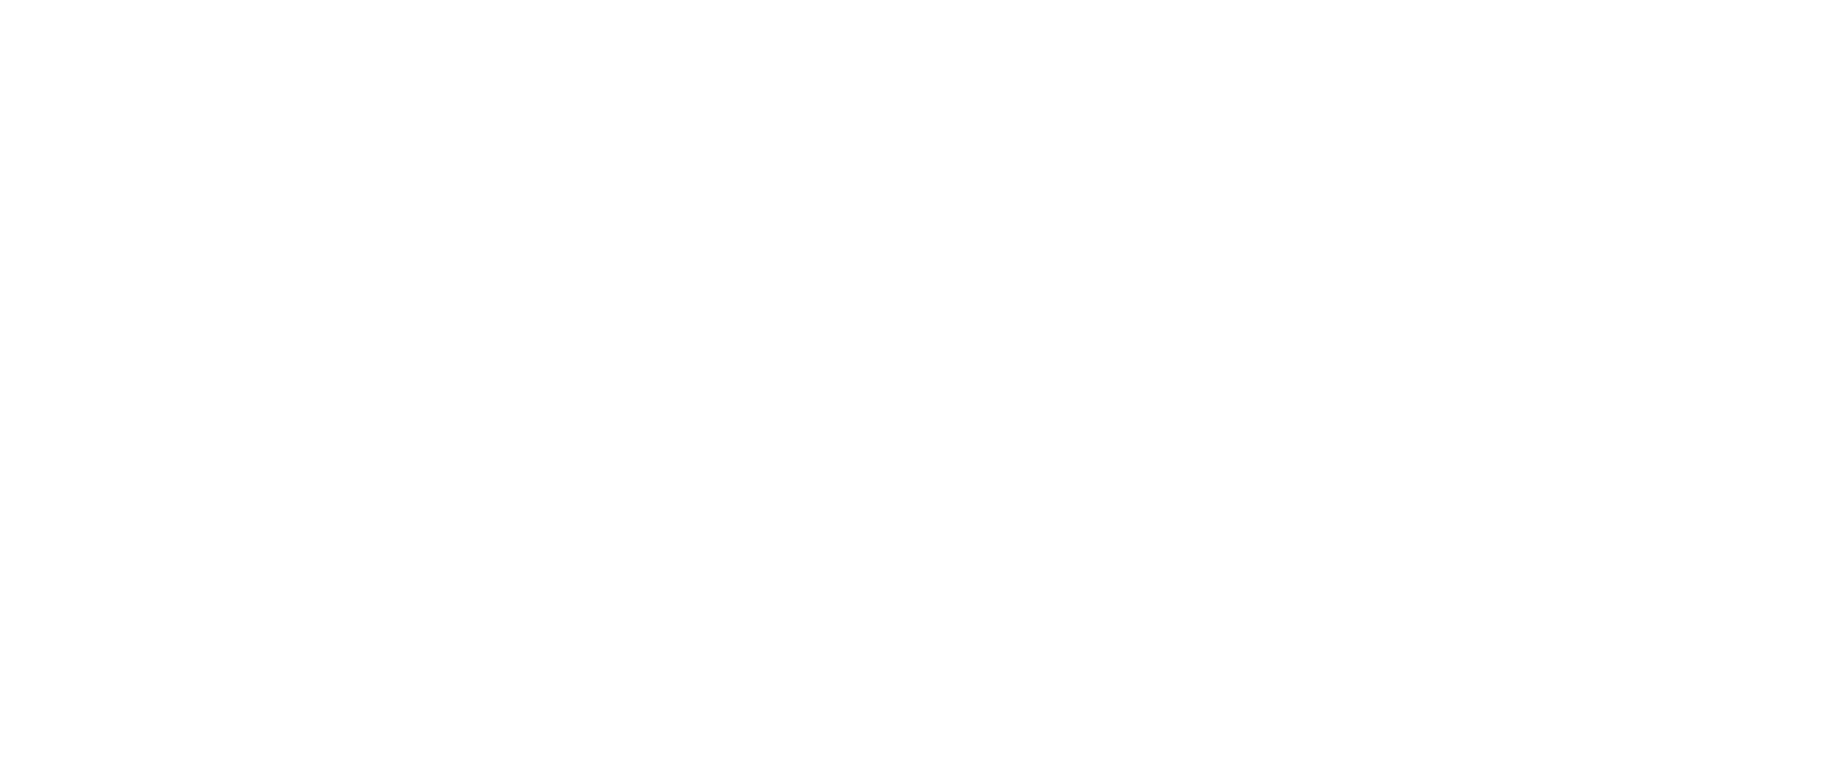 Reporte pago proceso Escuela de Suboficiales del Ejercito 2019 2NL